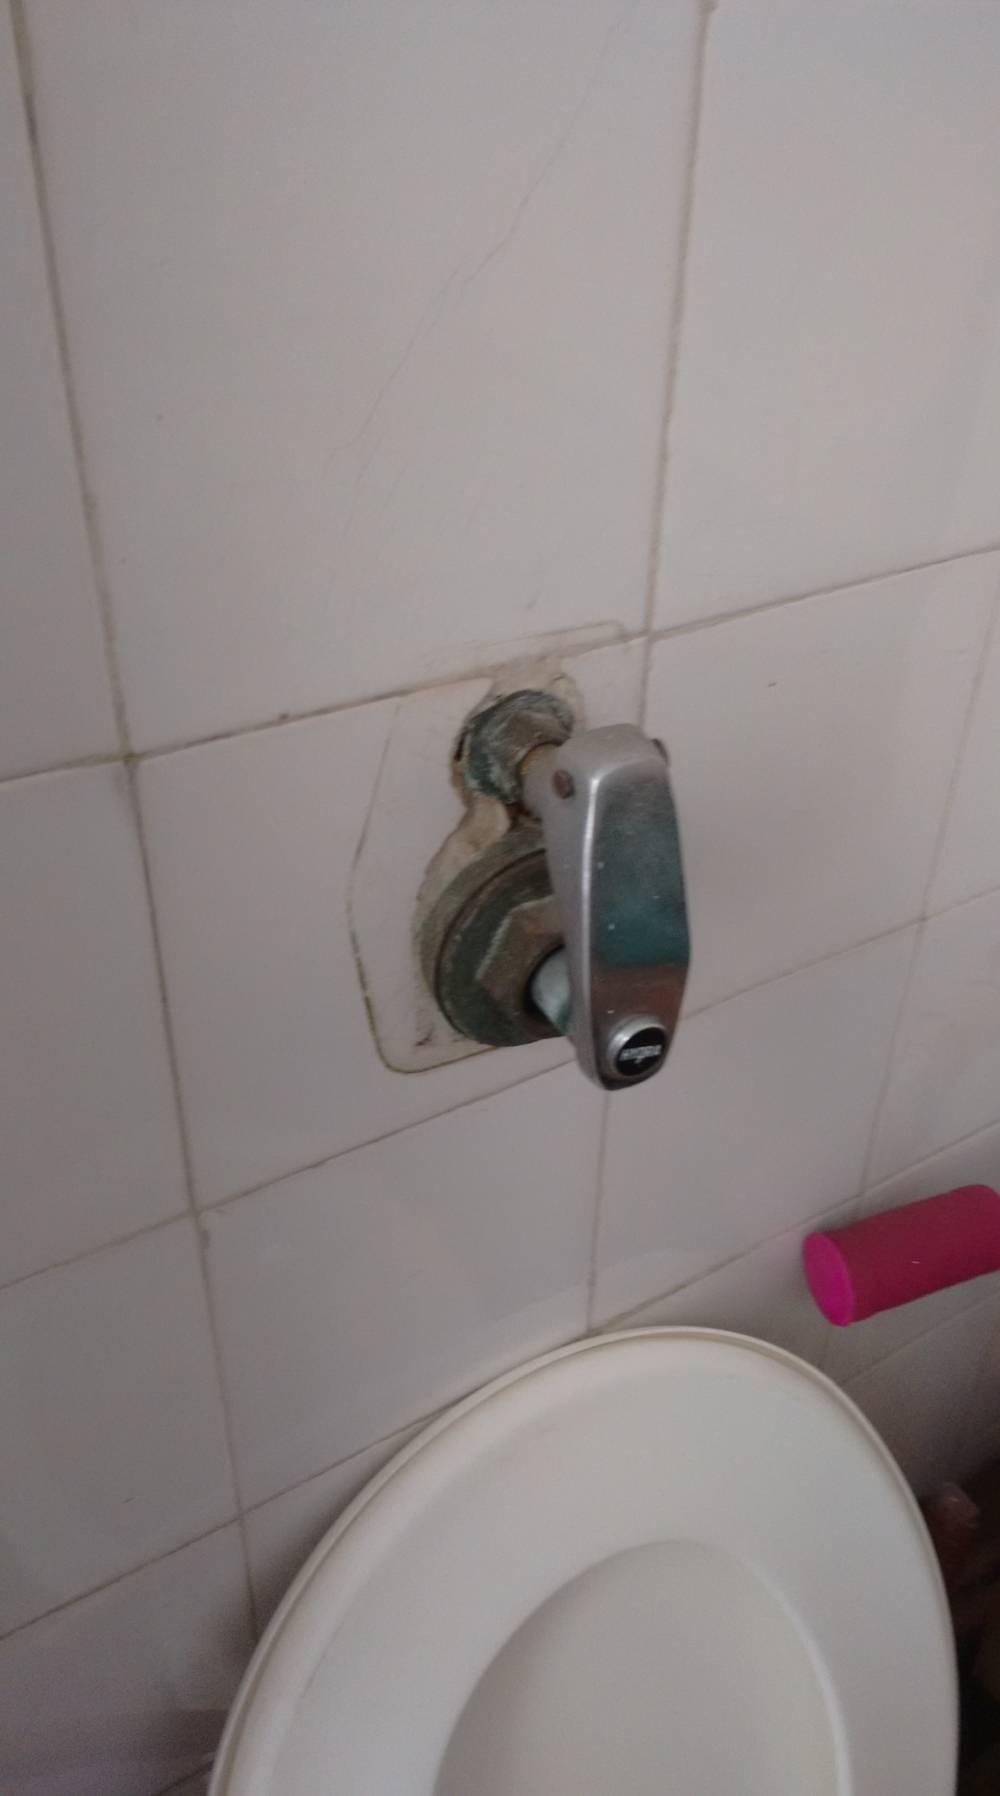 Manutenção Hidráulica Residencial Onde Contratar na Vila Moraes - Manutenção Hidráulica em São Bernardo